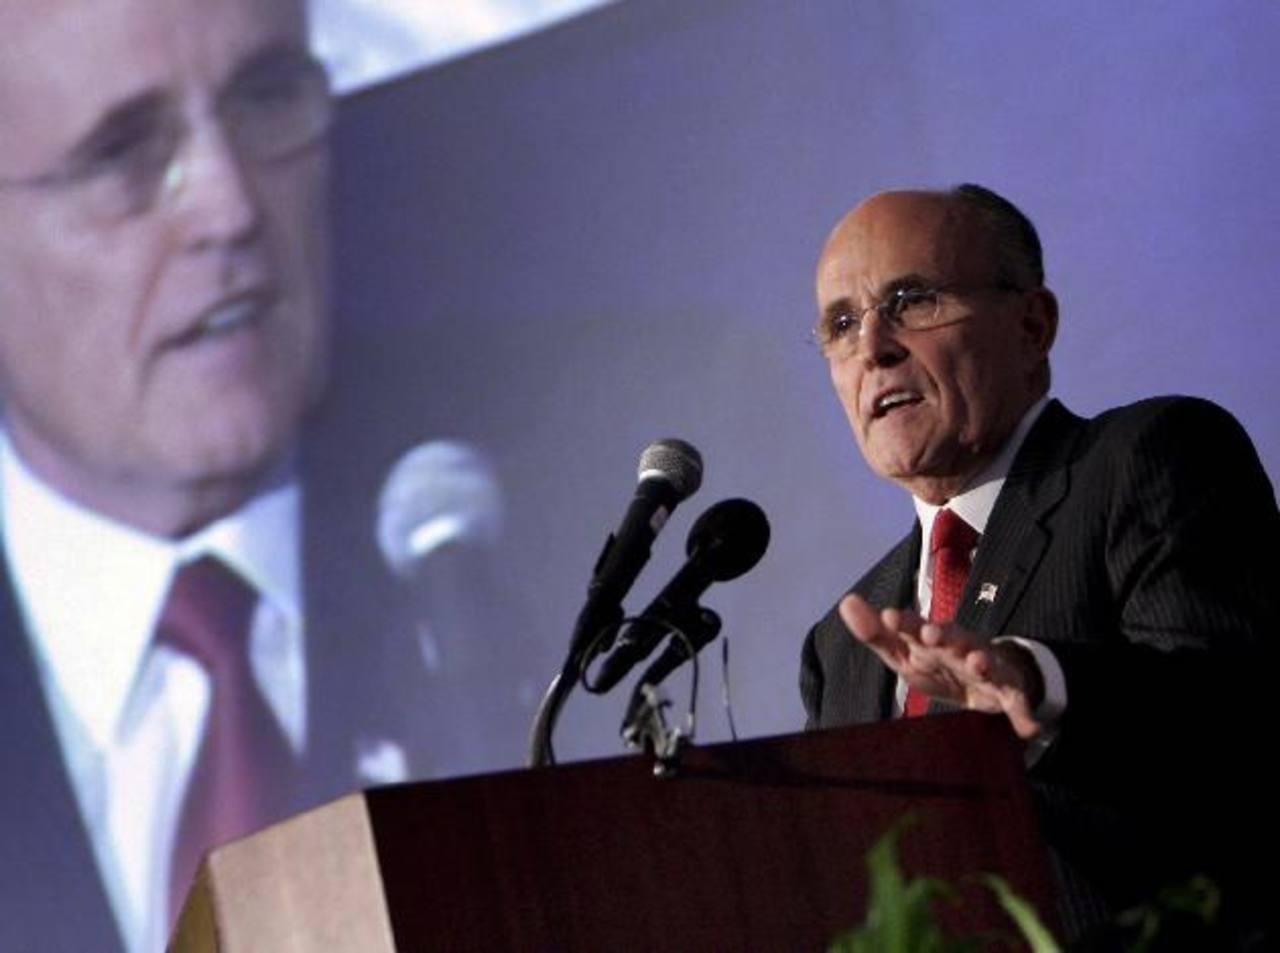 El exalcalde de Nueva York, Rudolph Giuliani, redujo durante su gestión en los años 90 los altos índices de homicidios y recuperó los territorios asediados por las bandas criminales.